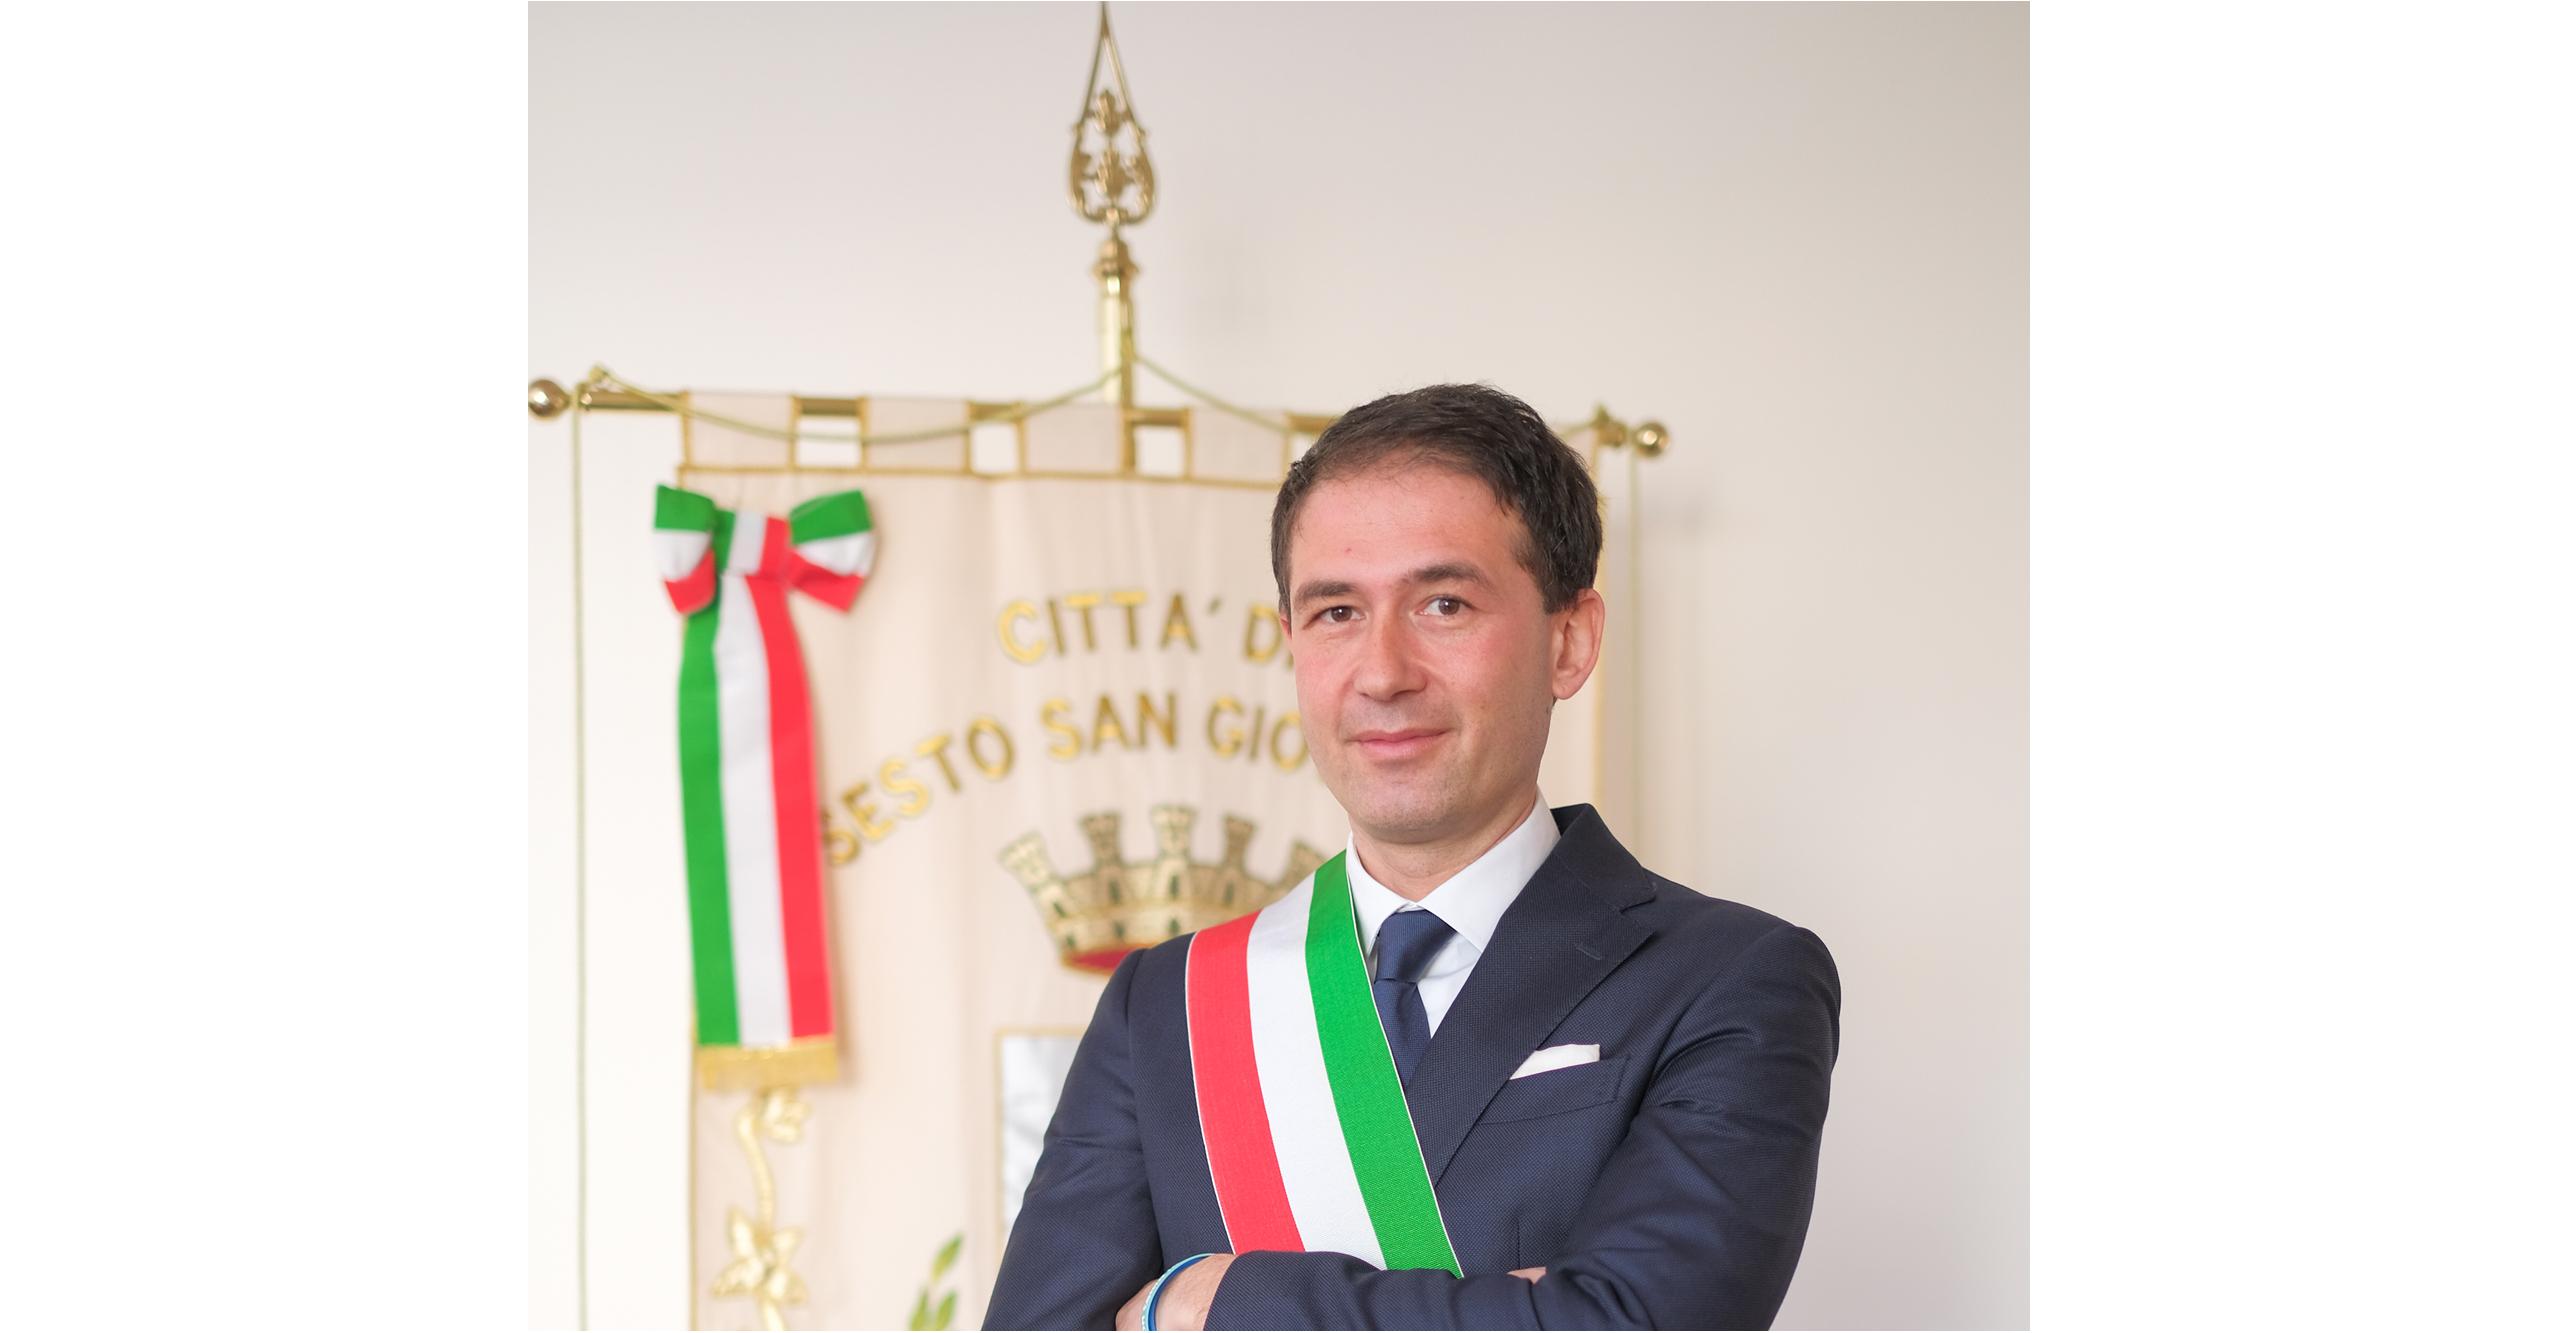 Sindaco Roberto Di Stefano